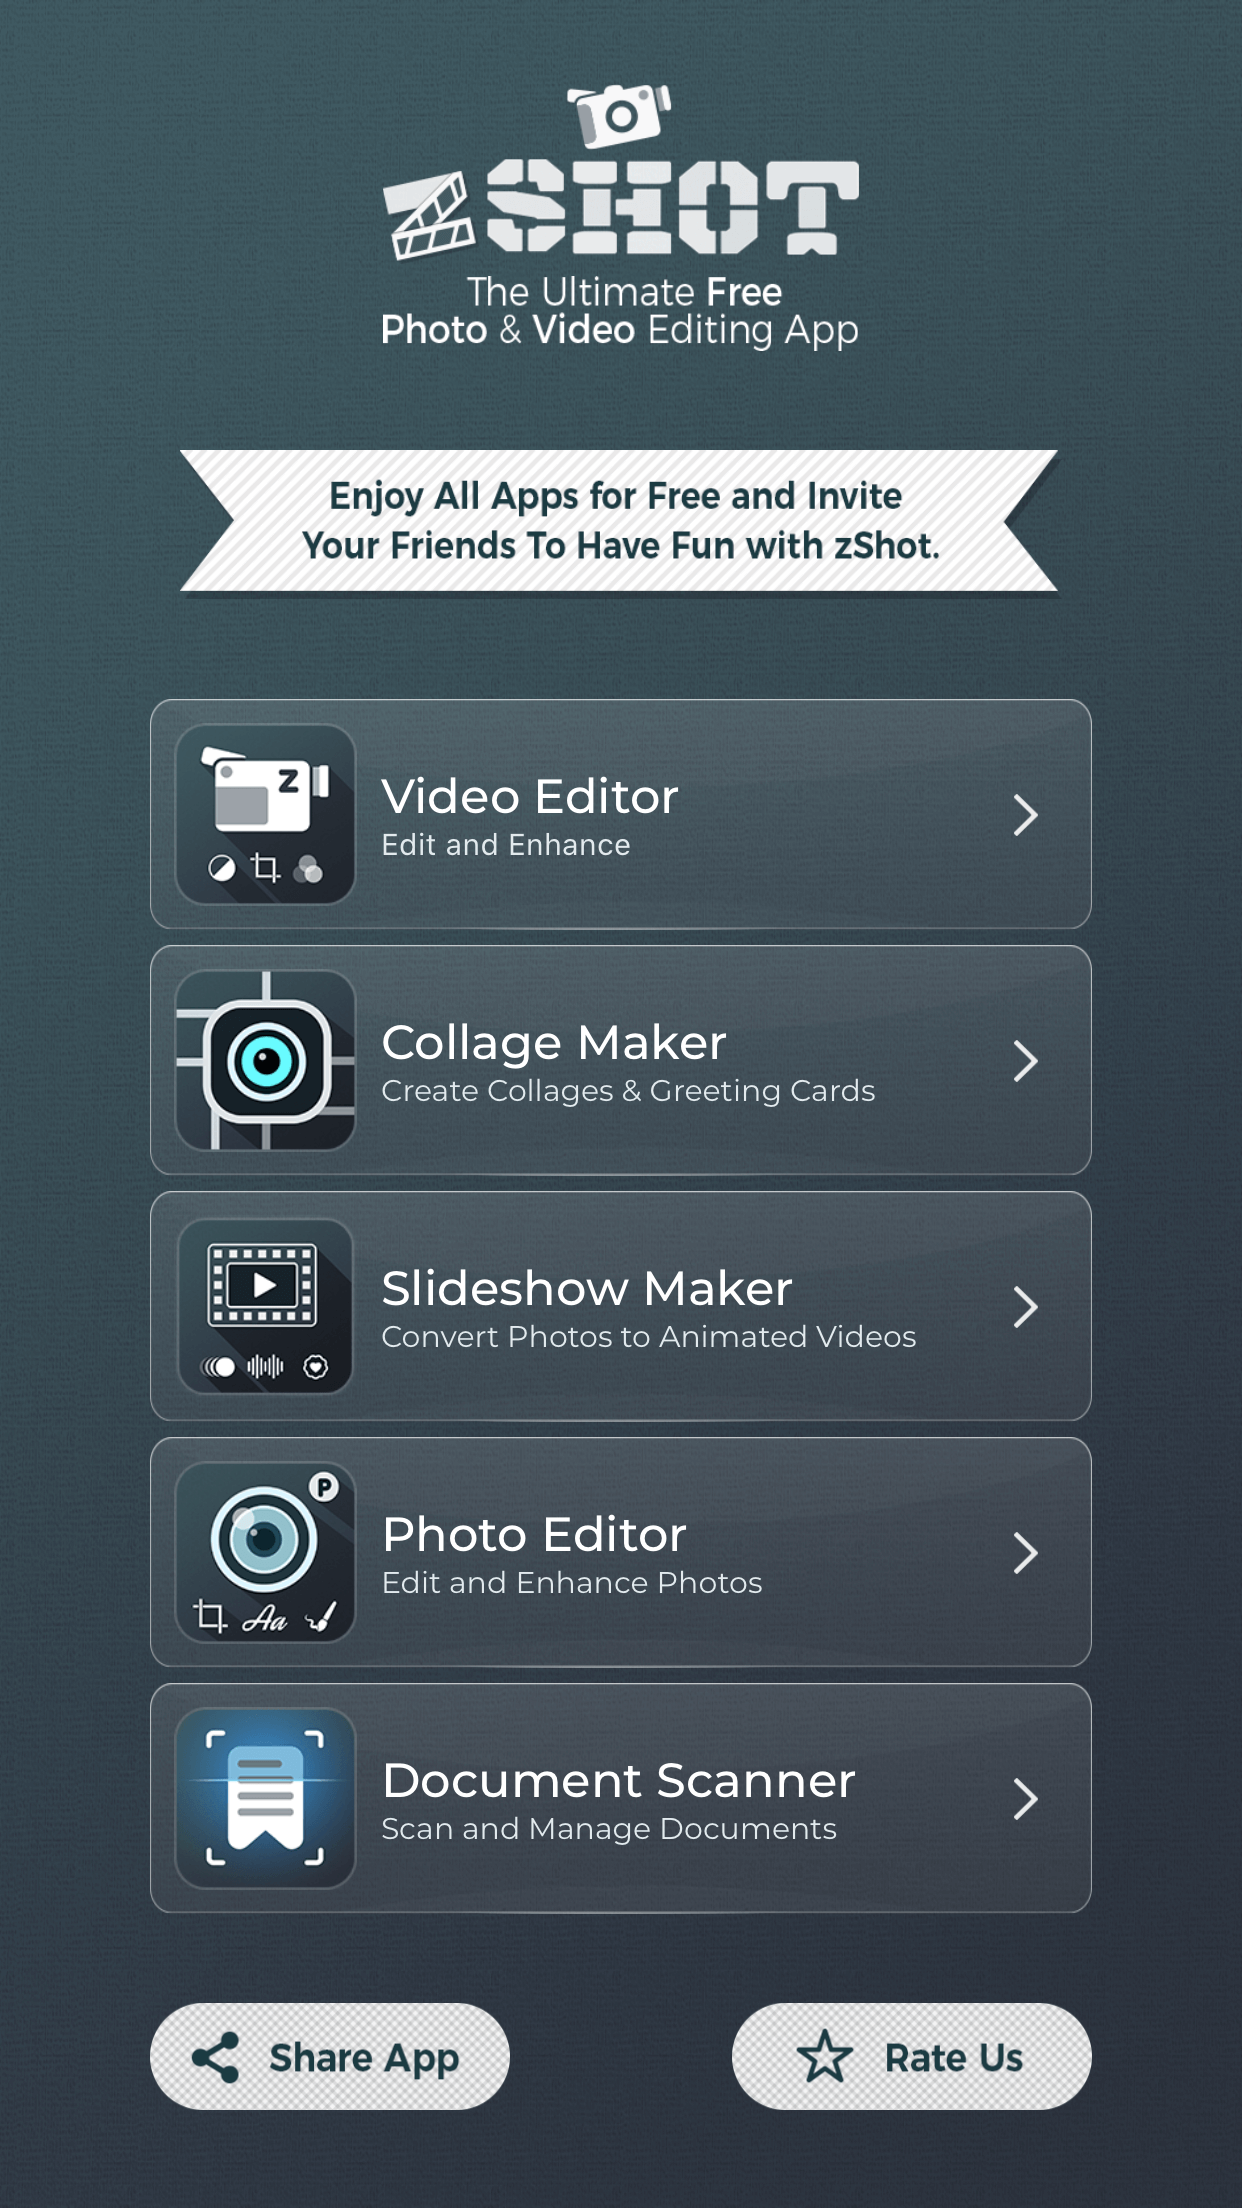 zShot app combines 5 amazing apps.